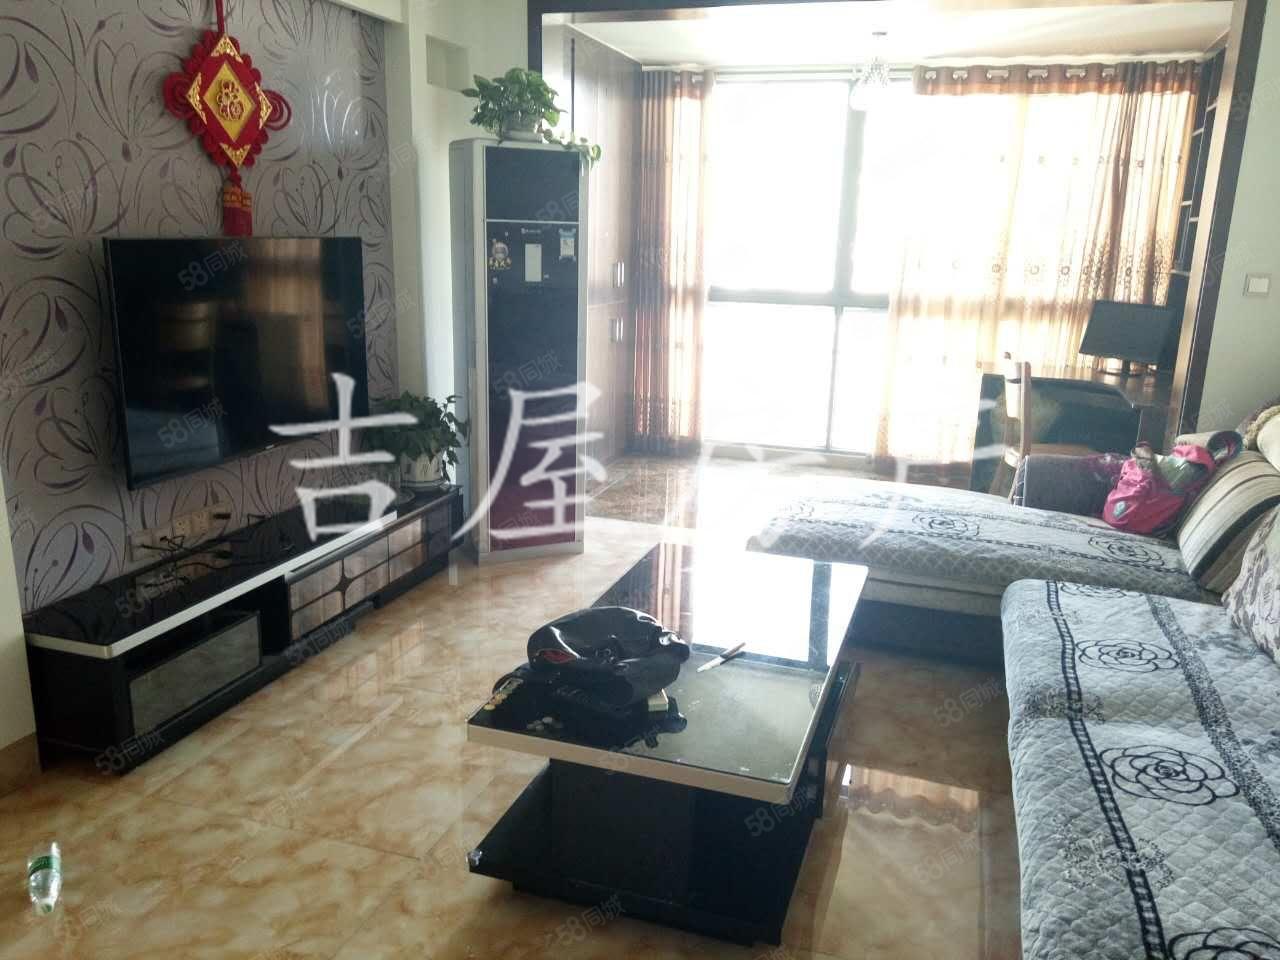 世纪锦江精装2室家电齐全拎包入住体育馆对面